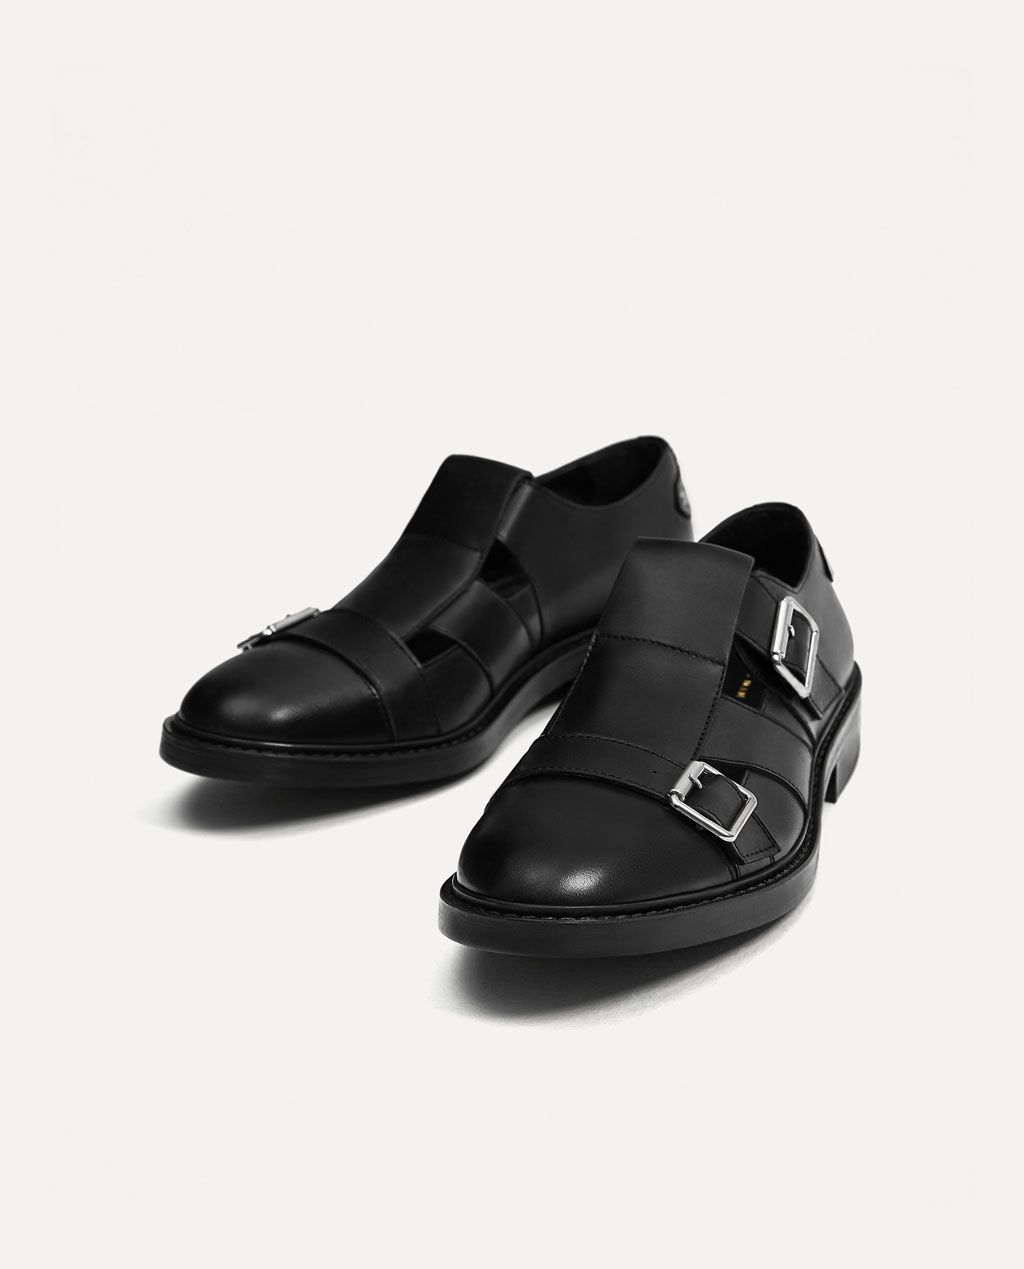 Calzado de piel con cordoneras JOSUE Negro XjjeIWciC